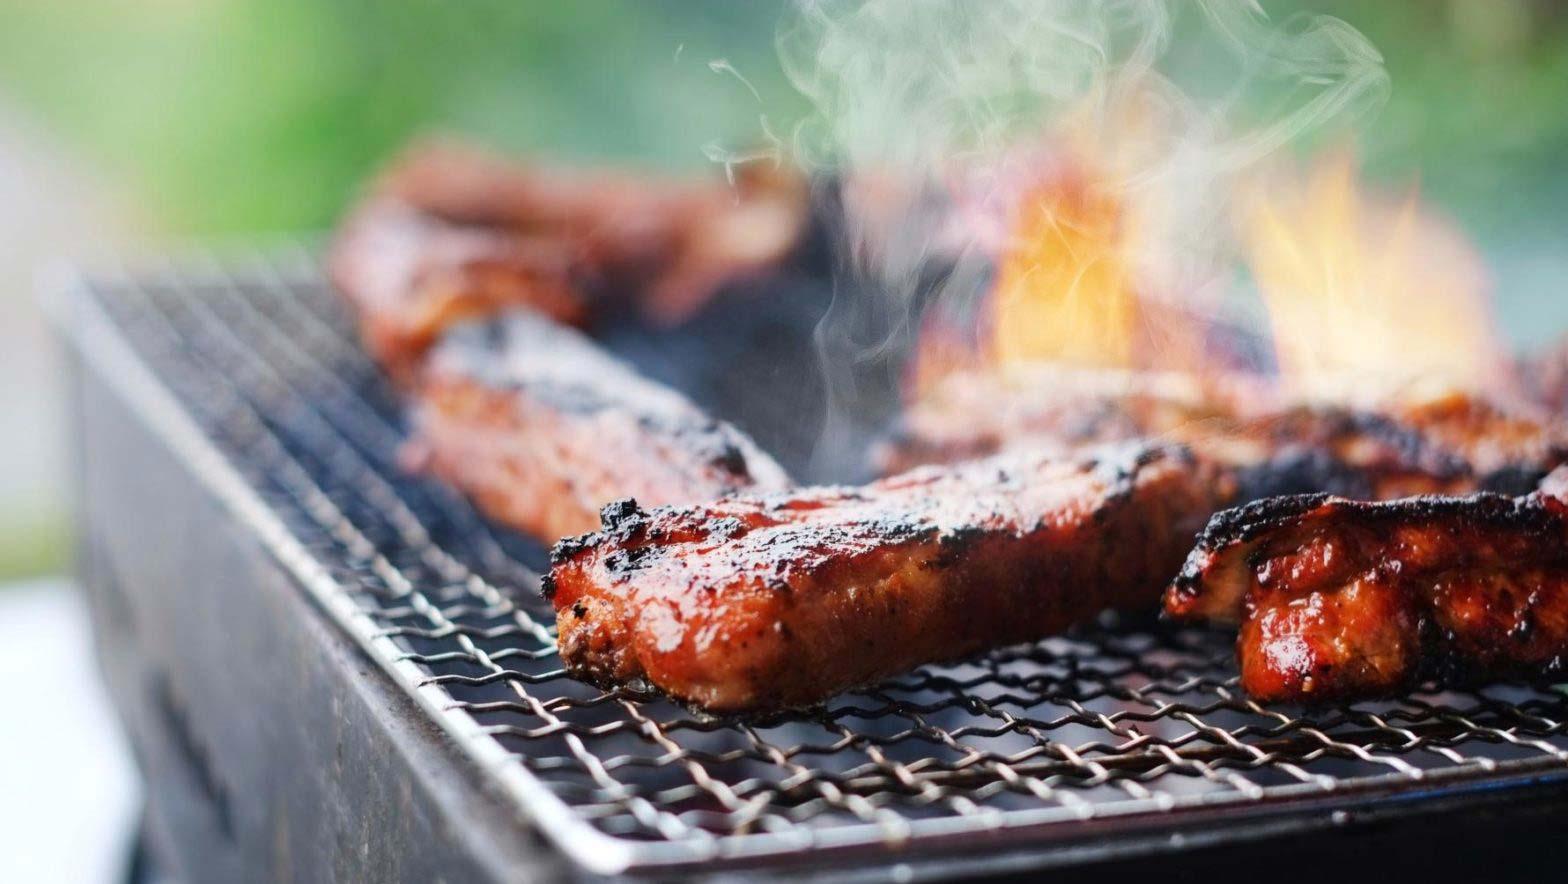 欲利用烤肉时的相关事宜